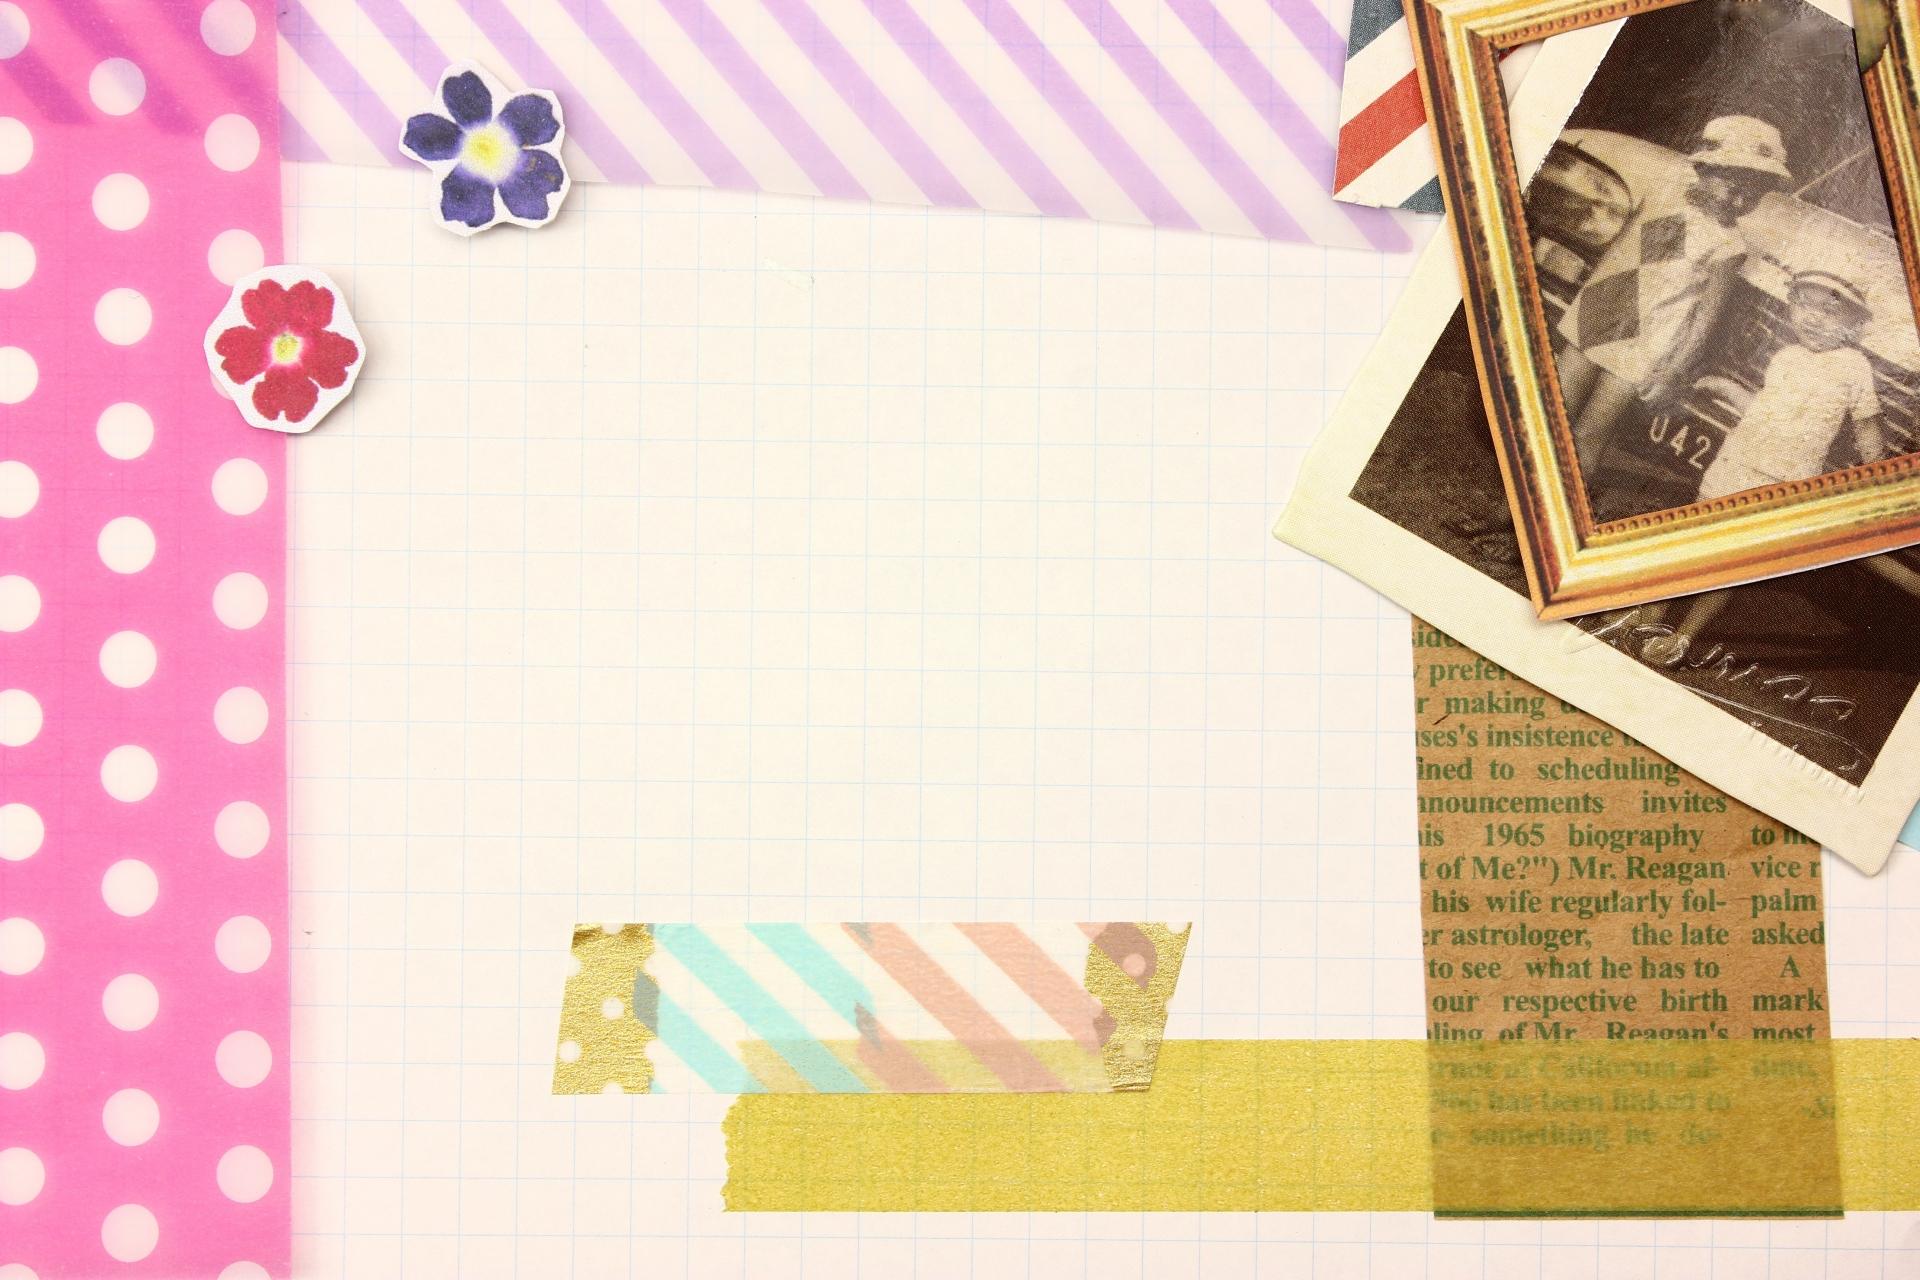 マスキングテープのおすすめ10選 おしゃれでかわいい活用法も紹介